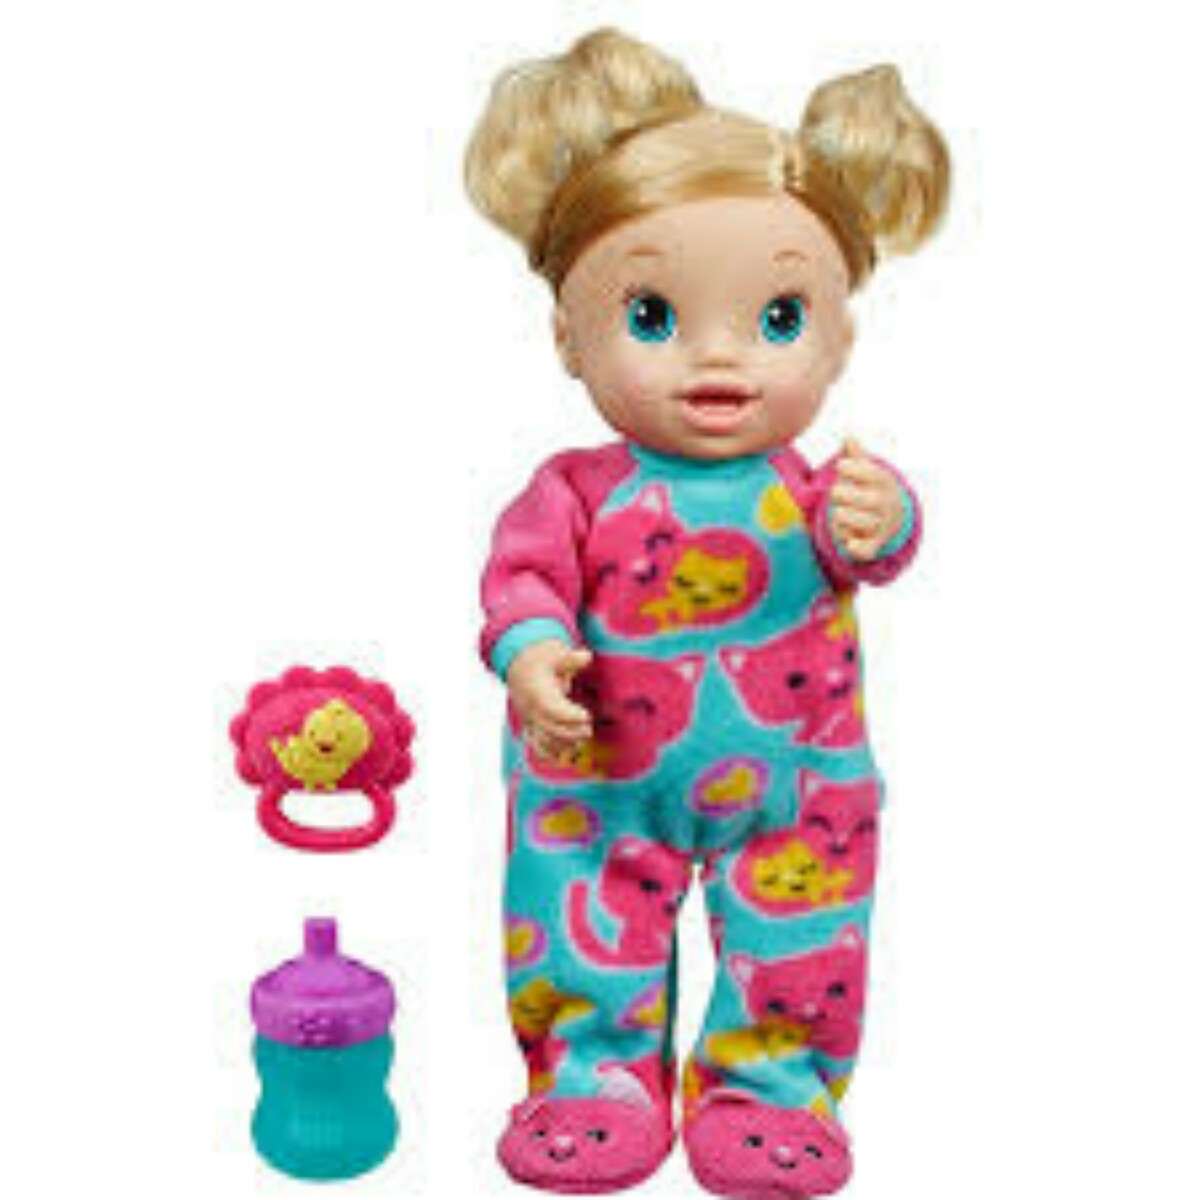 832b81a93 boneca baby alive bebê manhosa - hasbro melhor preço. Carregando zoom.